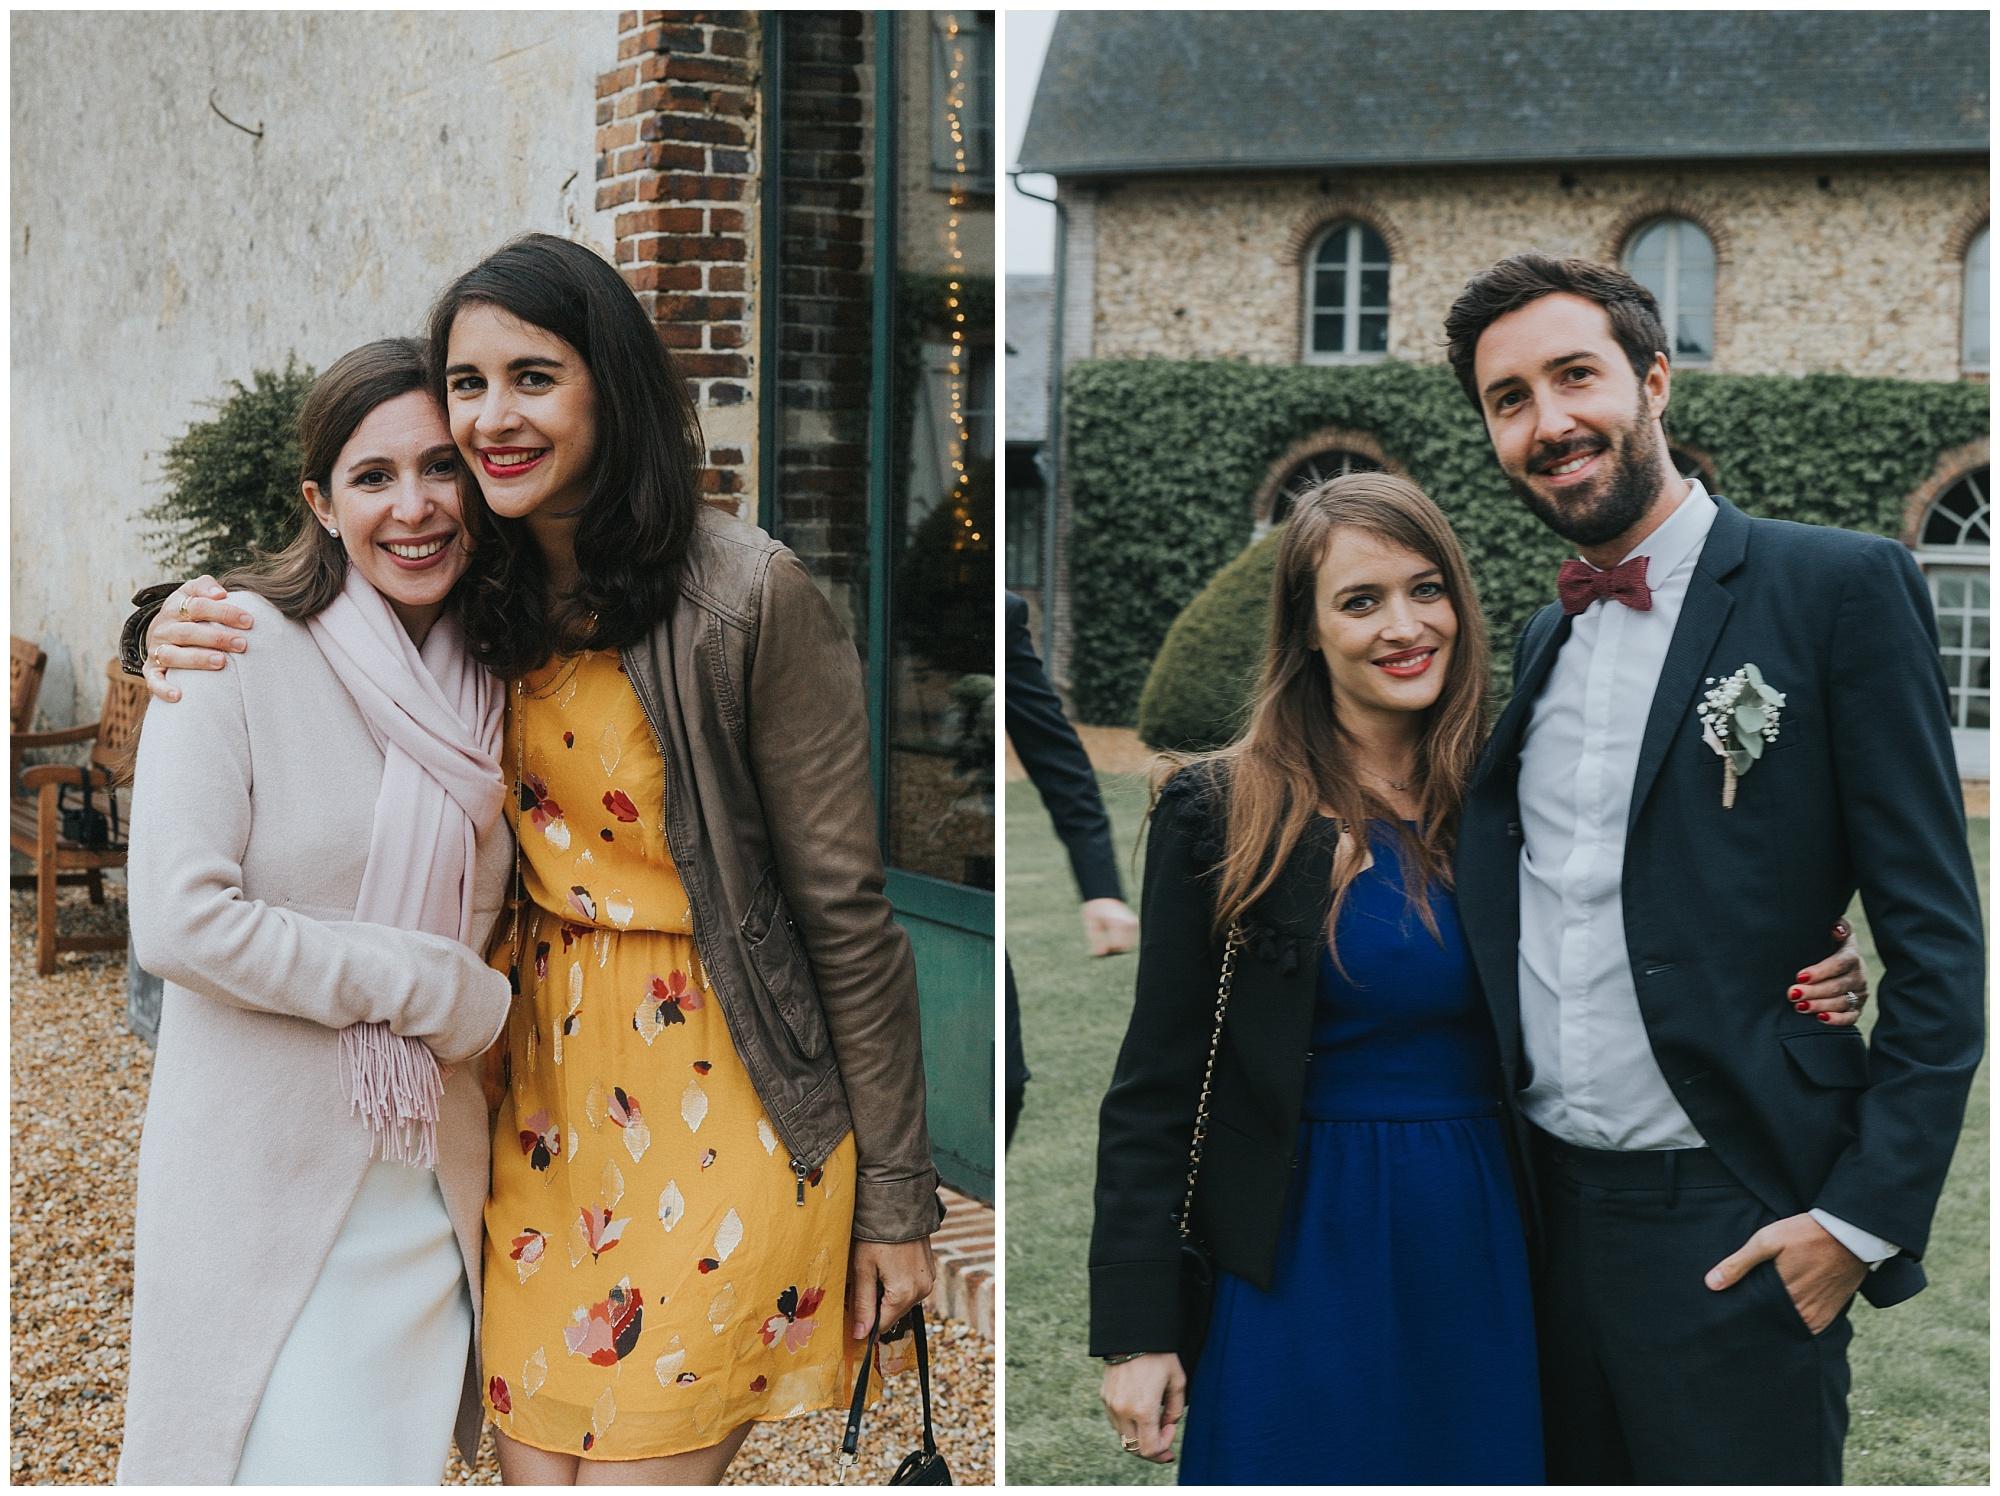 Kateryna-photos-photographer-Rouen-domaine-des-evis-mariage-haute-normandie-couple-soeurs